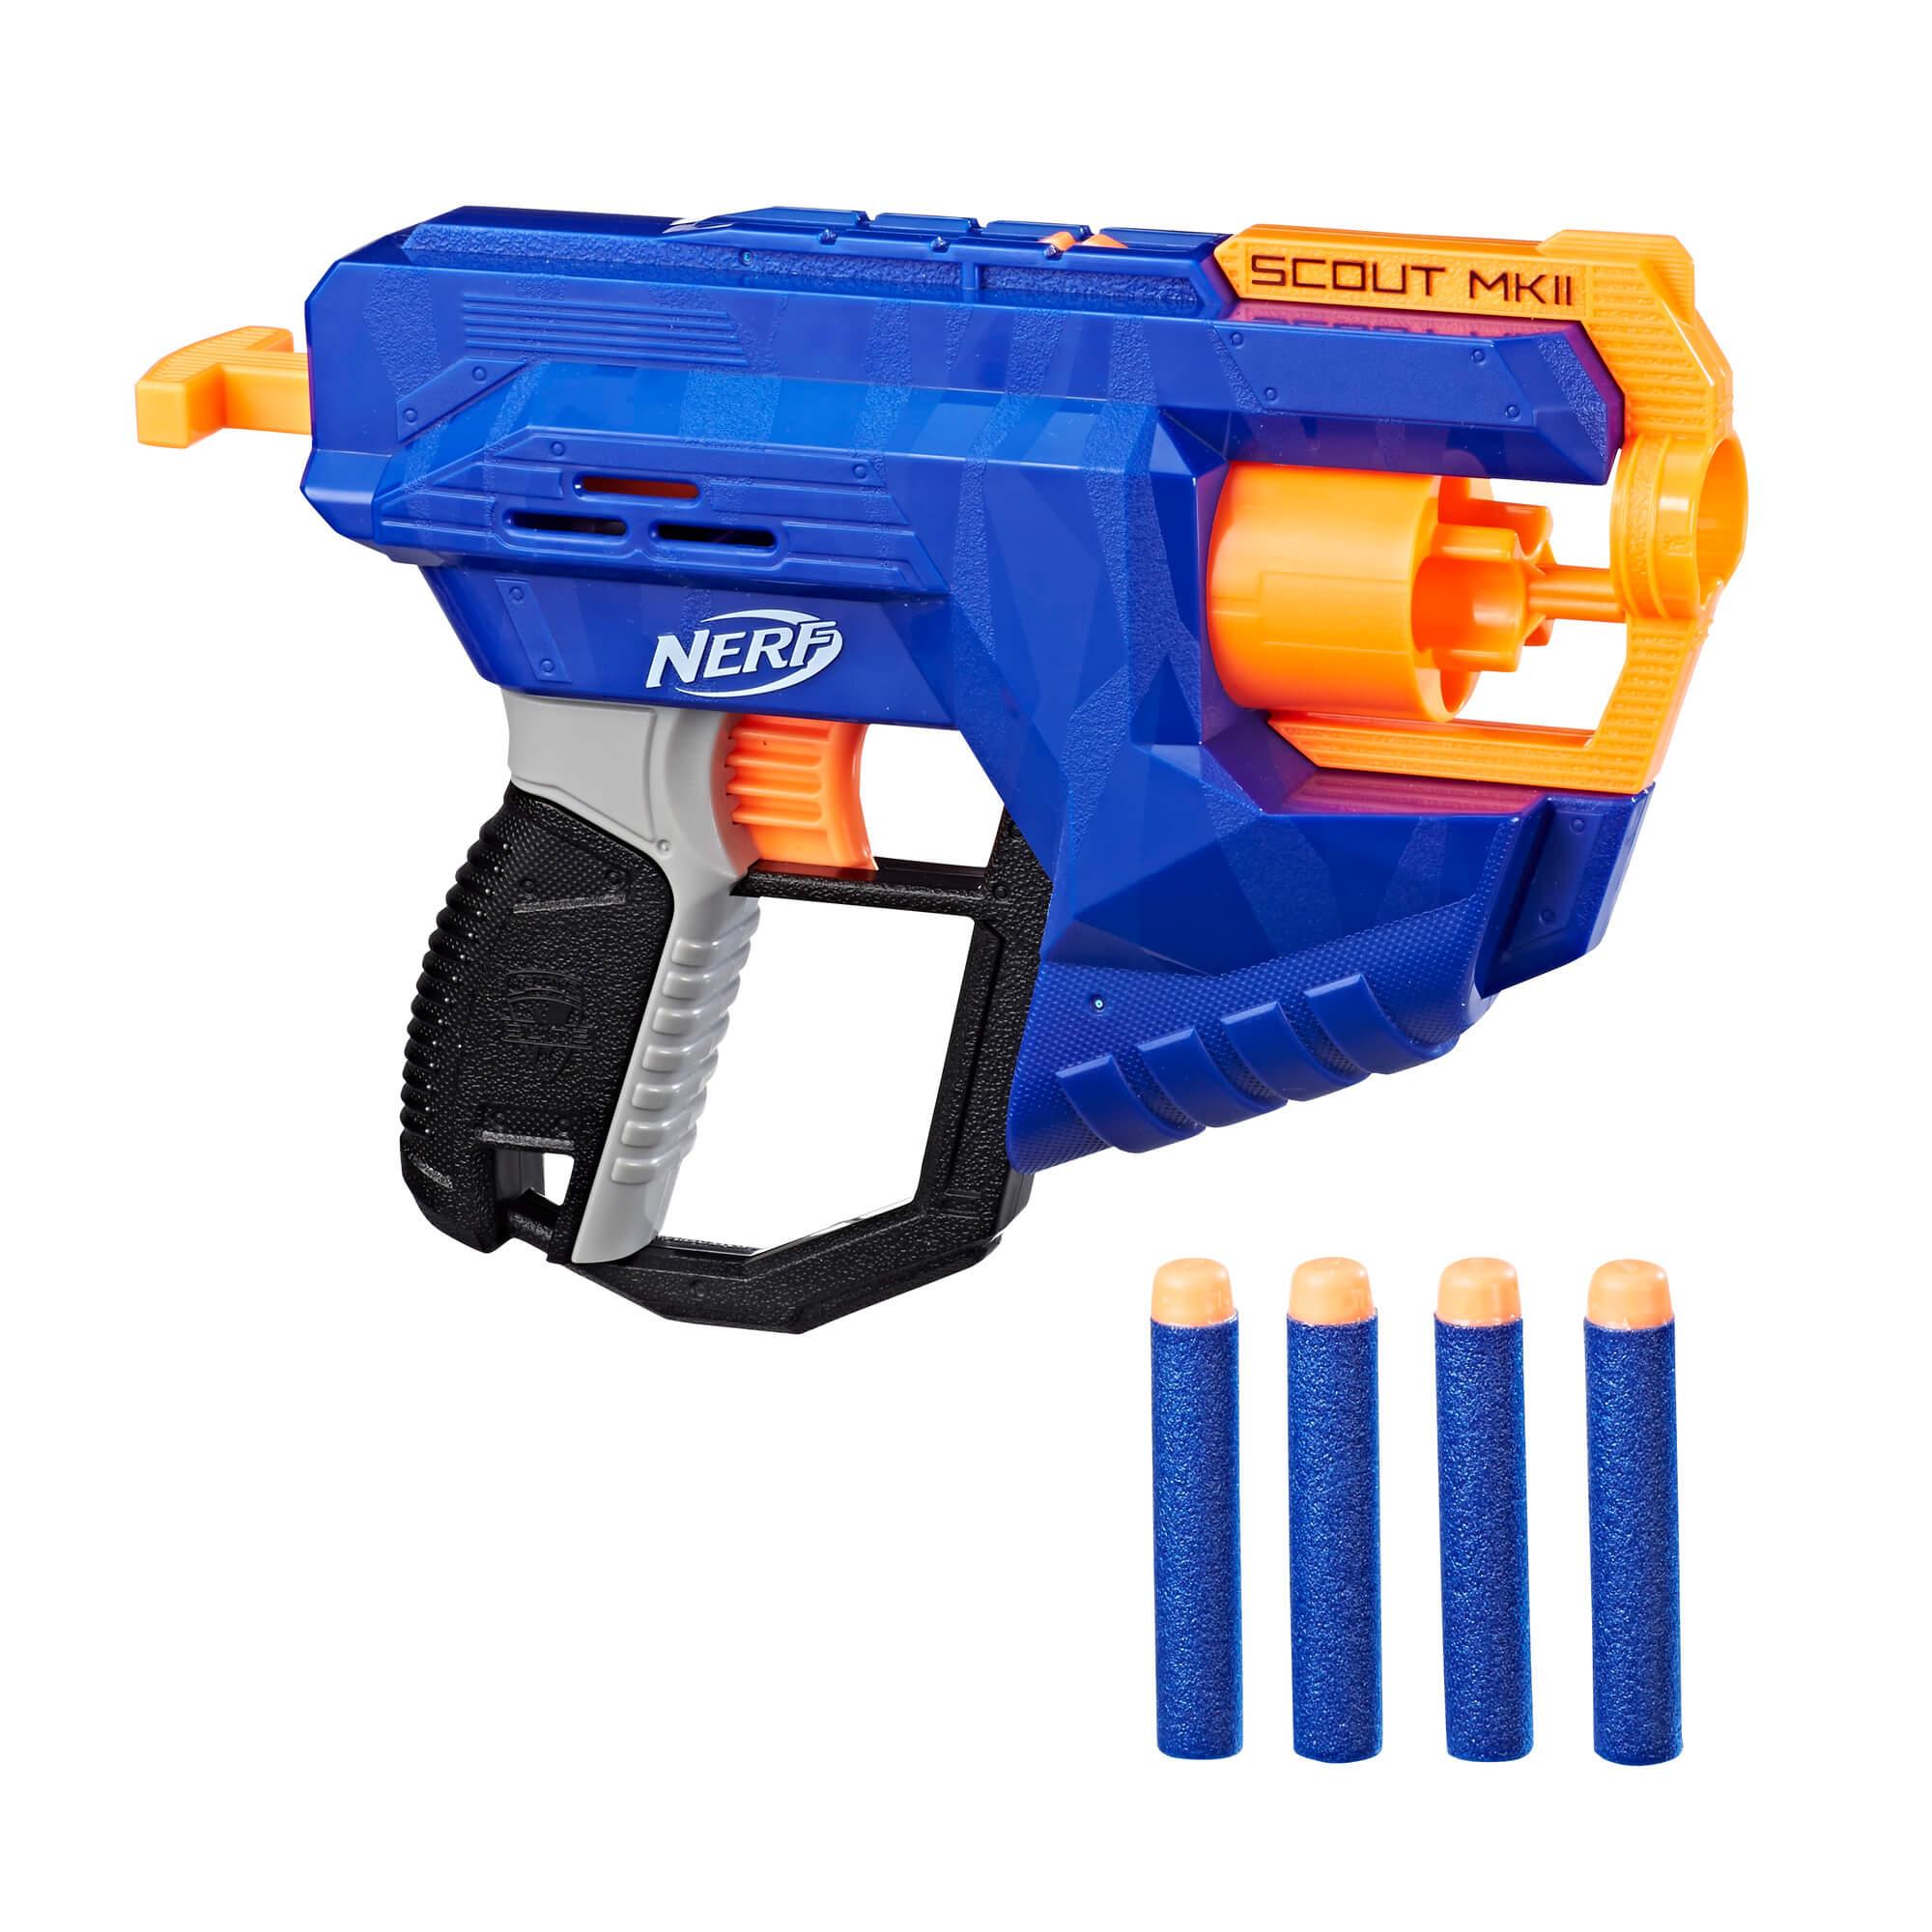 Mua đồ chơi súng NERF E0824 - (Mã: E0824) Súng NERF Scout MKII (dòng N-Strike Elite)